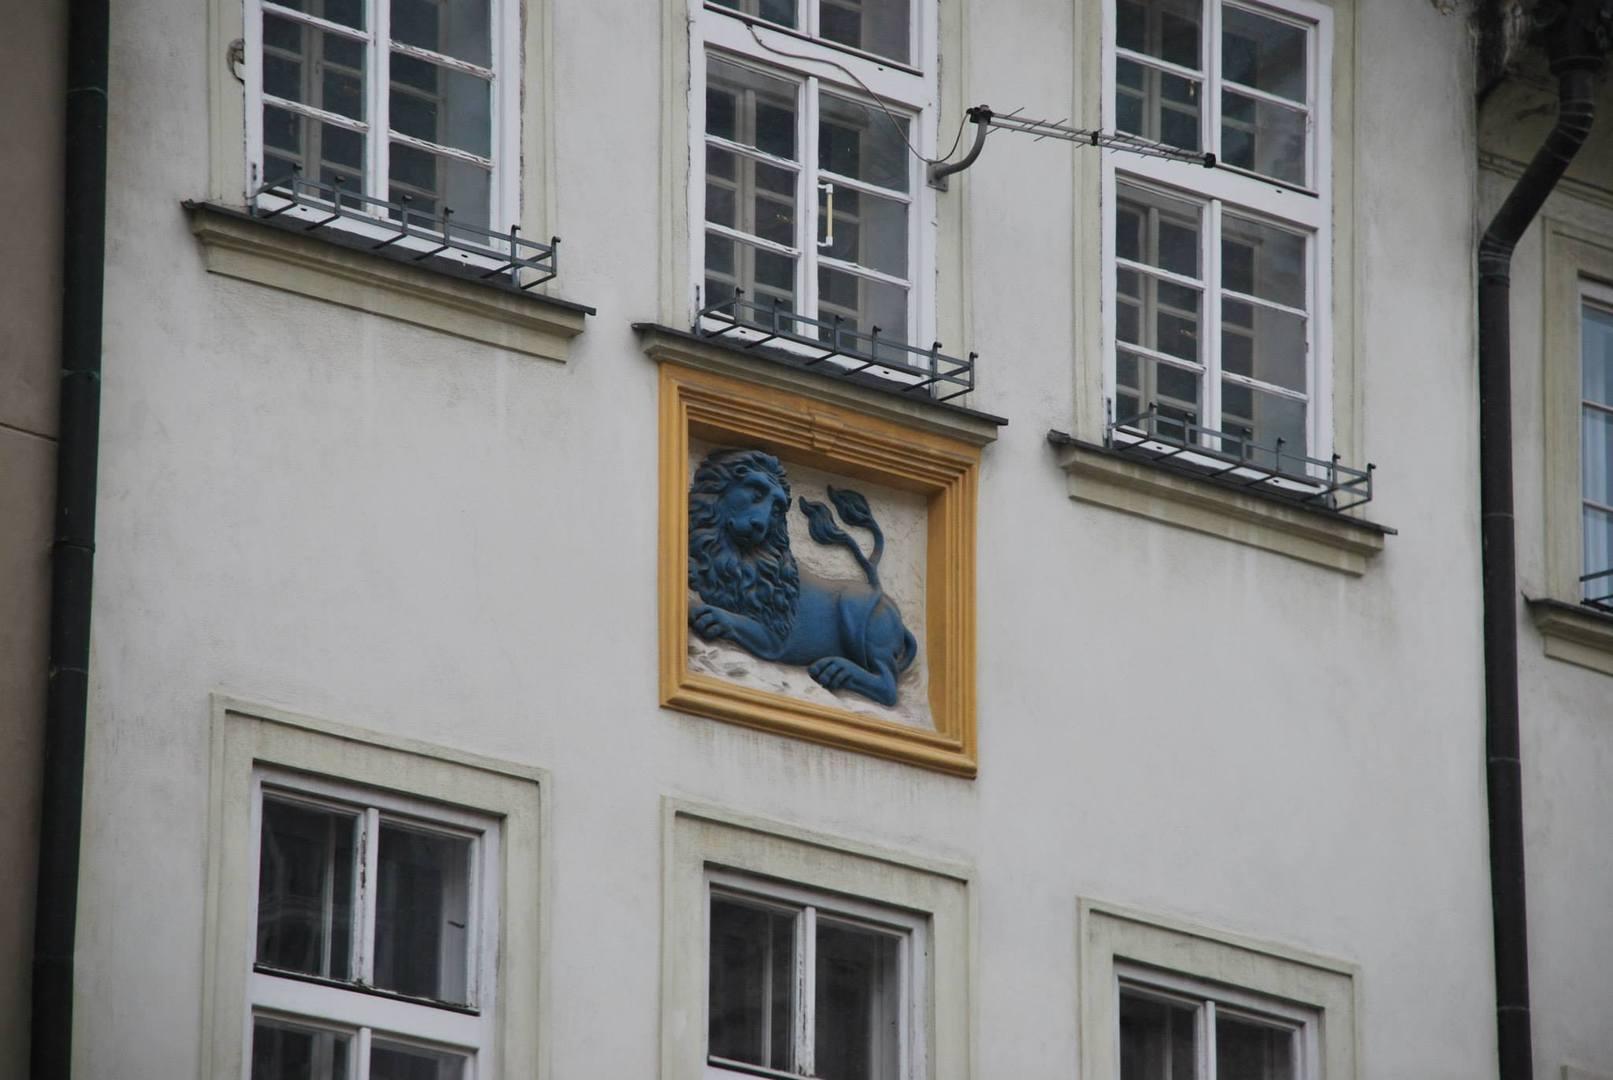 סמל האריה הכחול על הבית